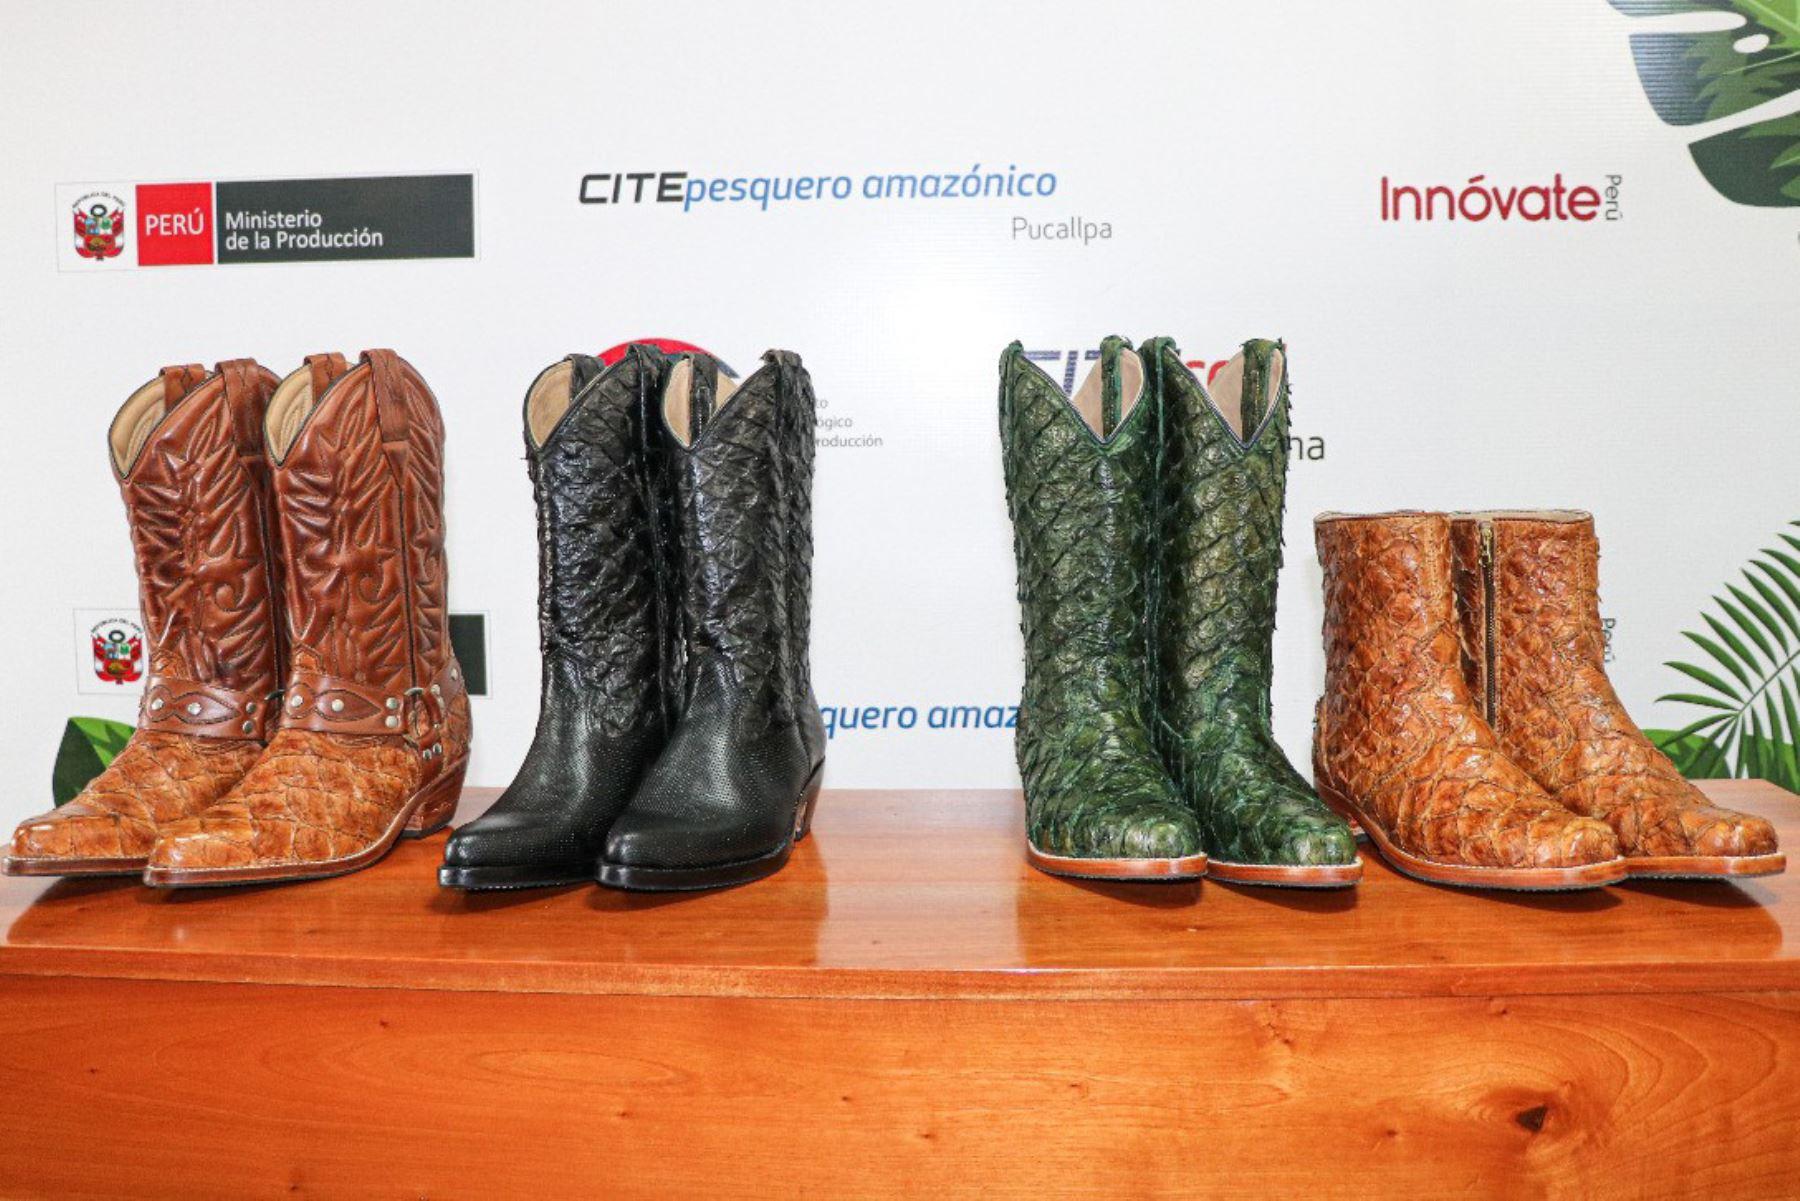 Estos son los primeros botines tipo vaquero, elaborados con piel de paiche, el pez de agua dulce más grande del mundo, con apoyo del CITE Pesquero del Ministerio de la Producción.